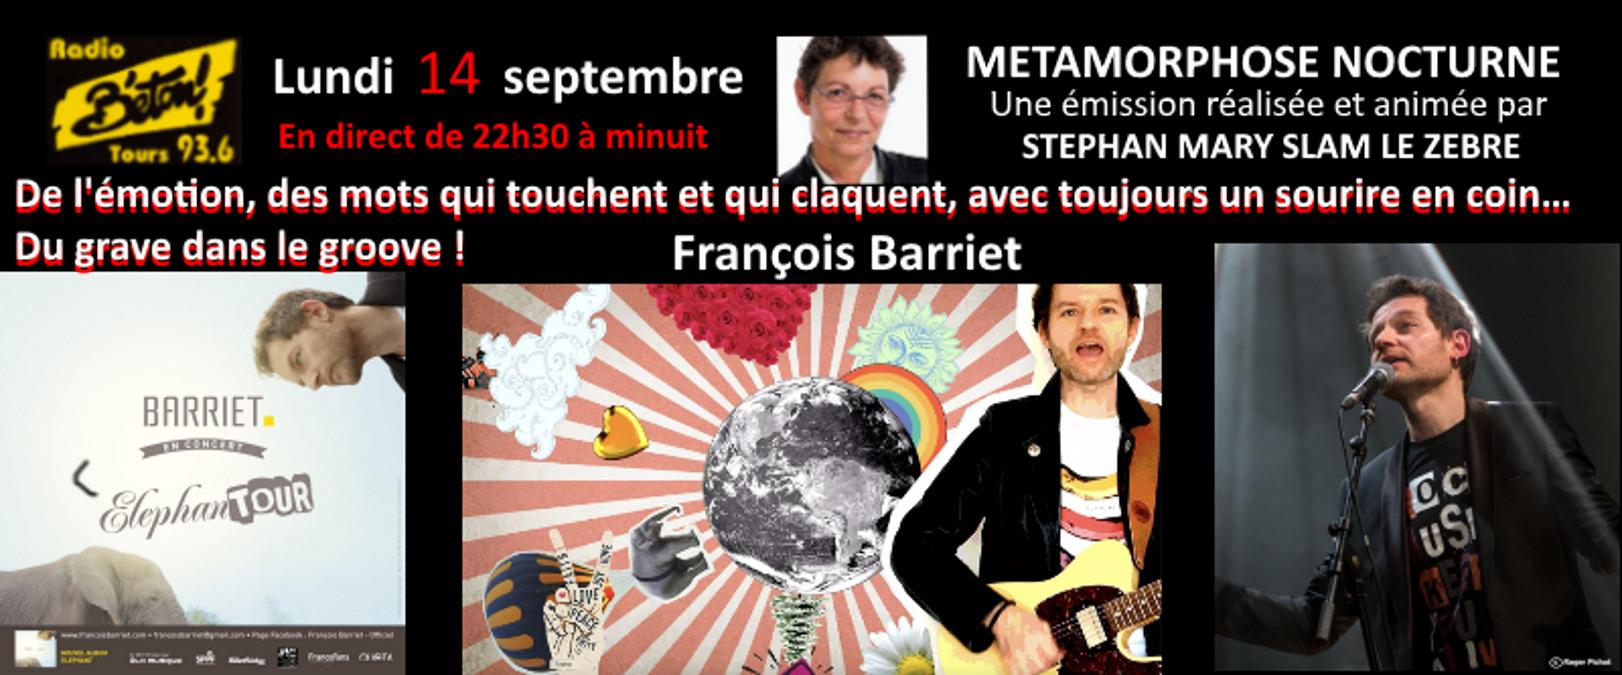 François Barrier dans Métamorphose nocturne